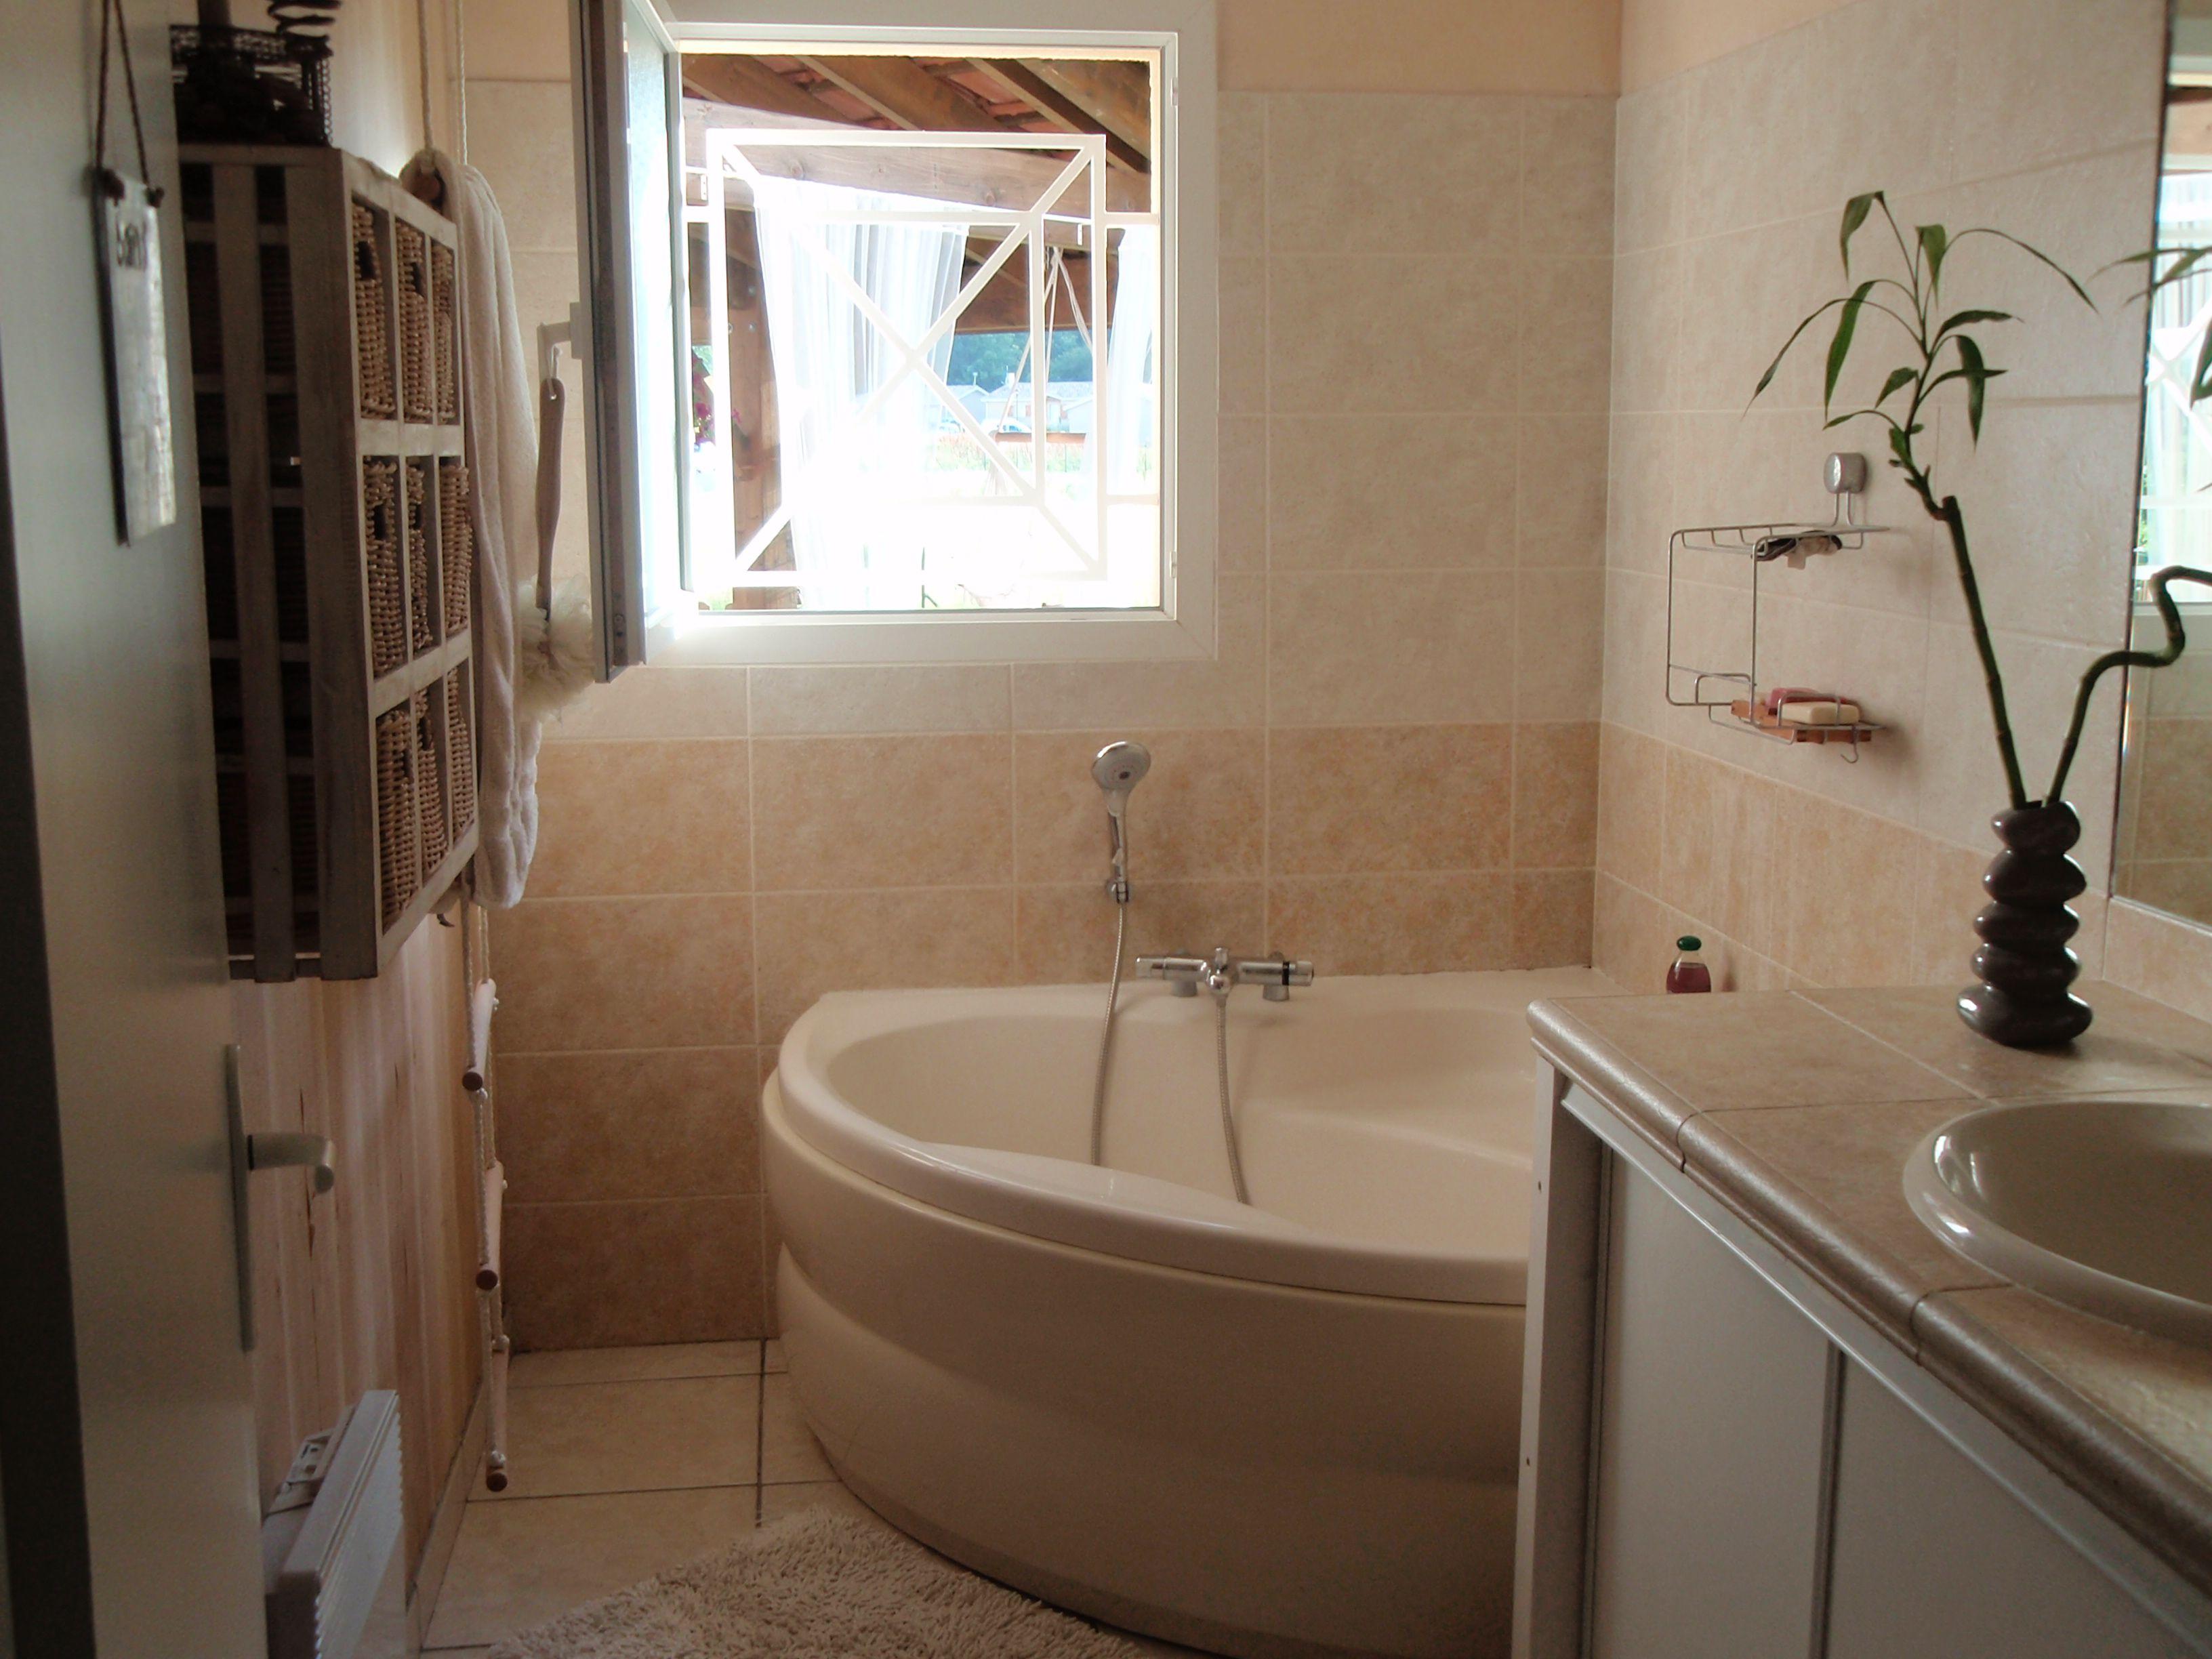 Salle de bain - Salle de bain avec baignoire d angle ...